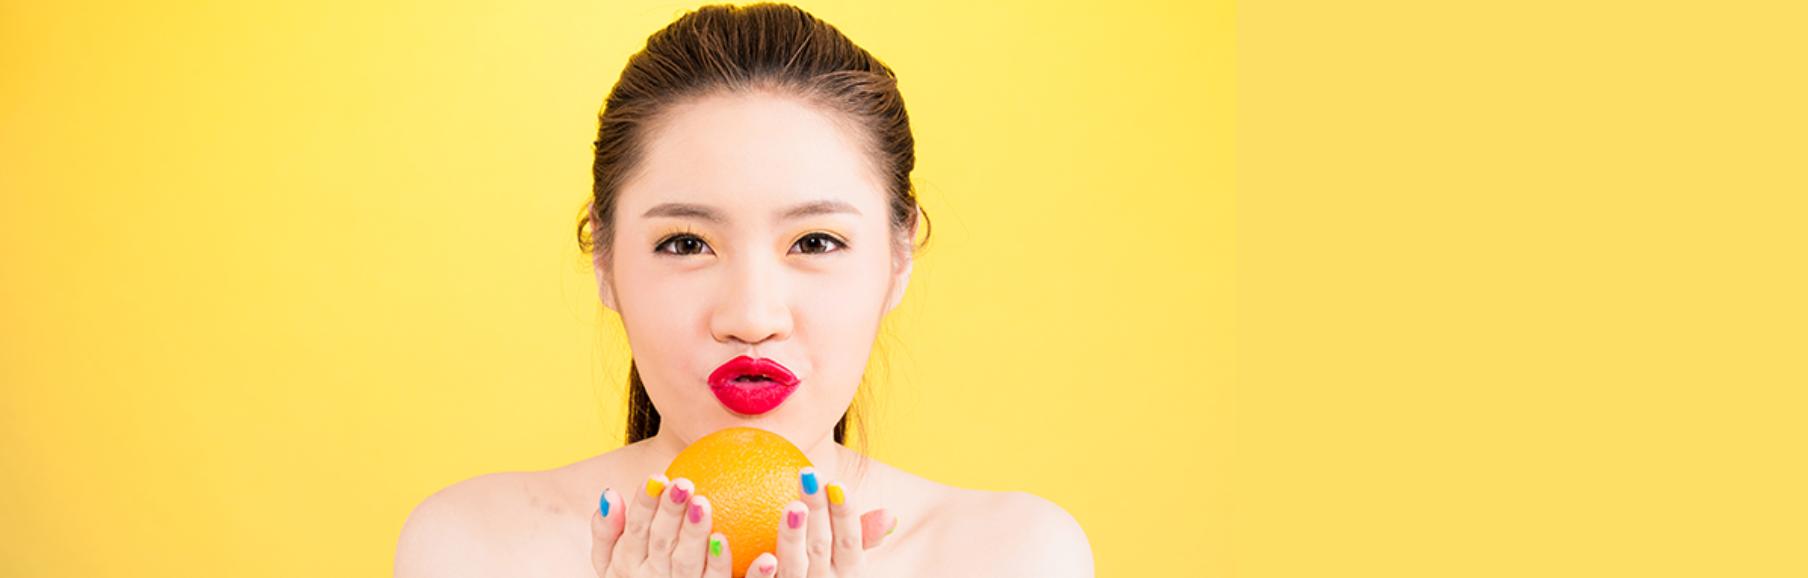 Les secrets de beauté des femmes asiatiques !